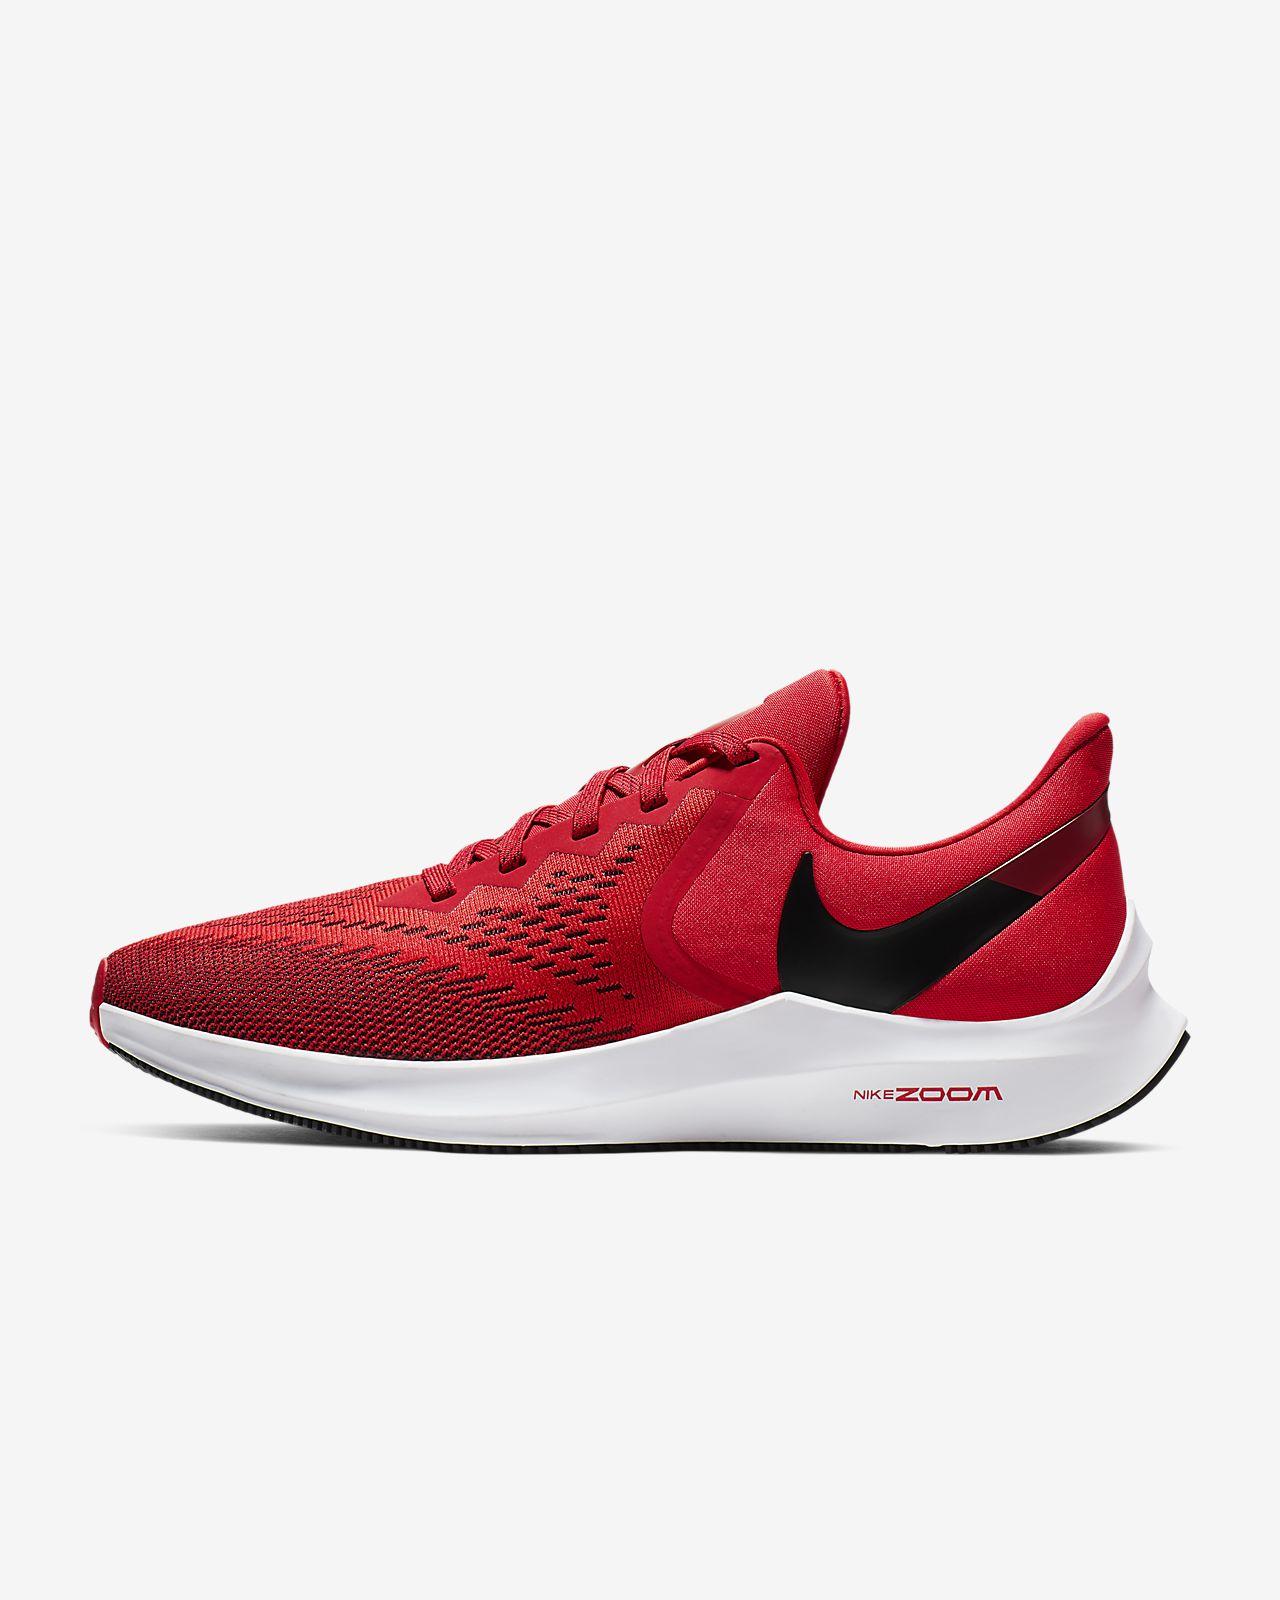 e96216881582 Nike Air Zoom Winflo 6 Men s Running Shoe. Nike.com